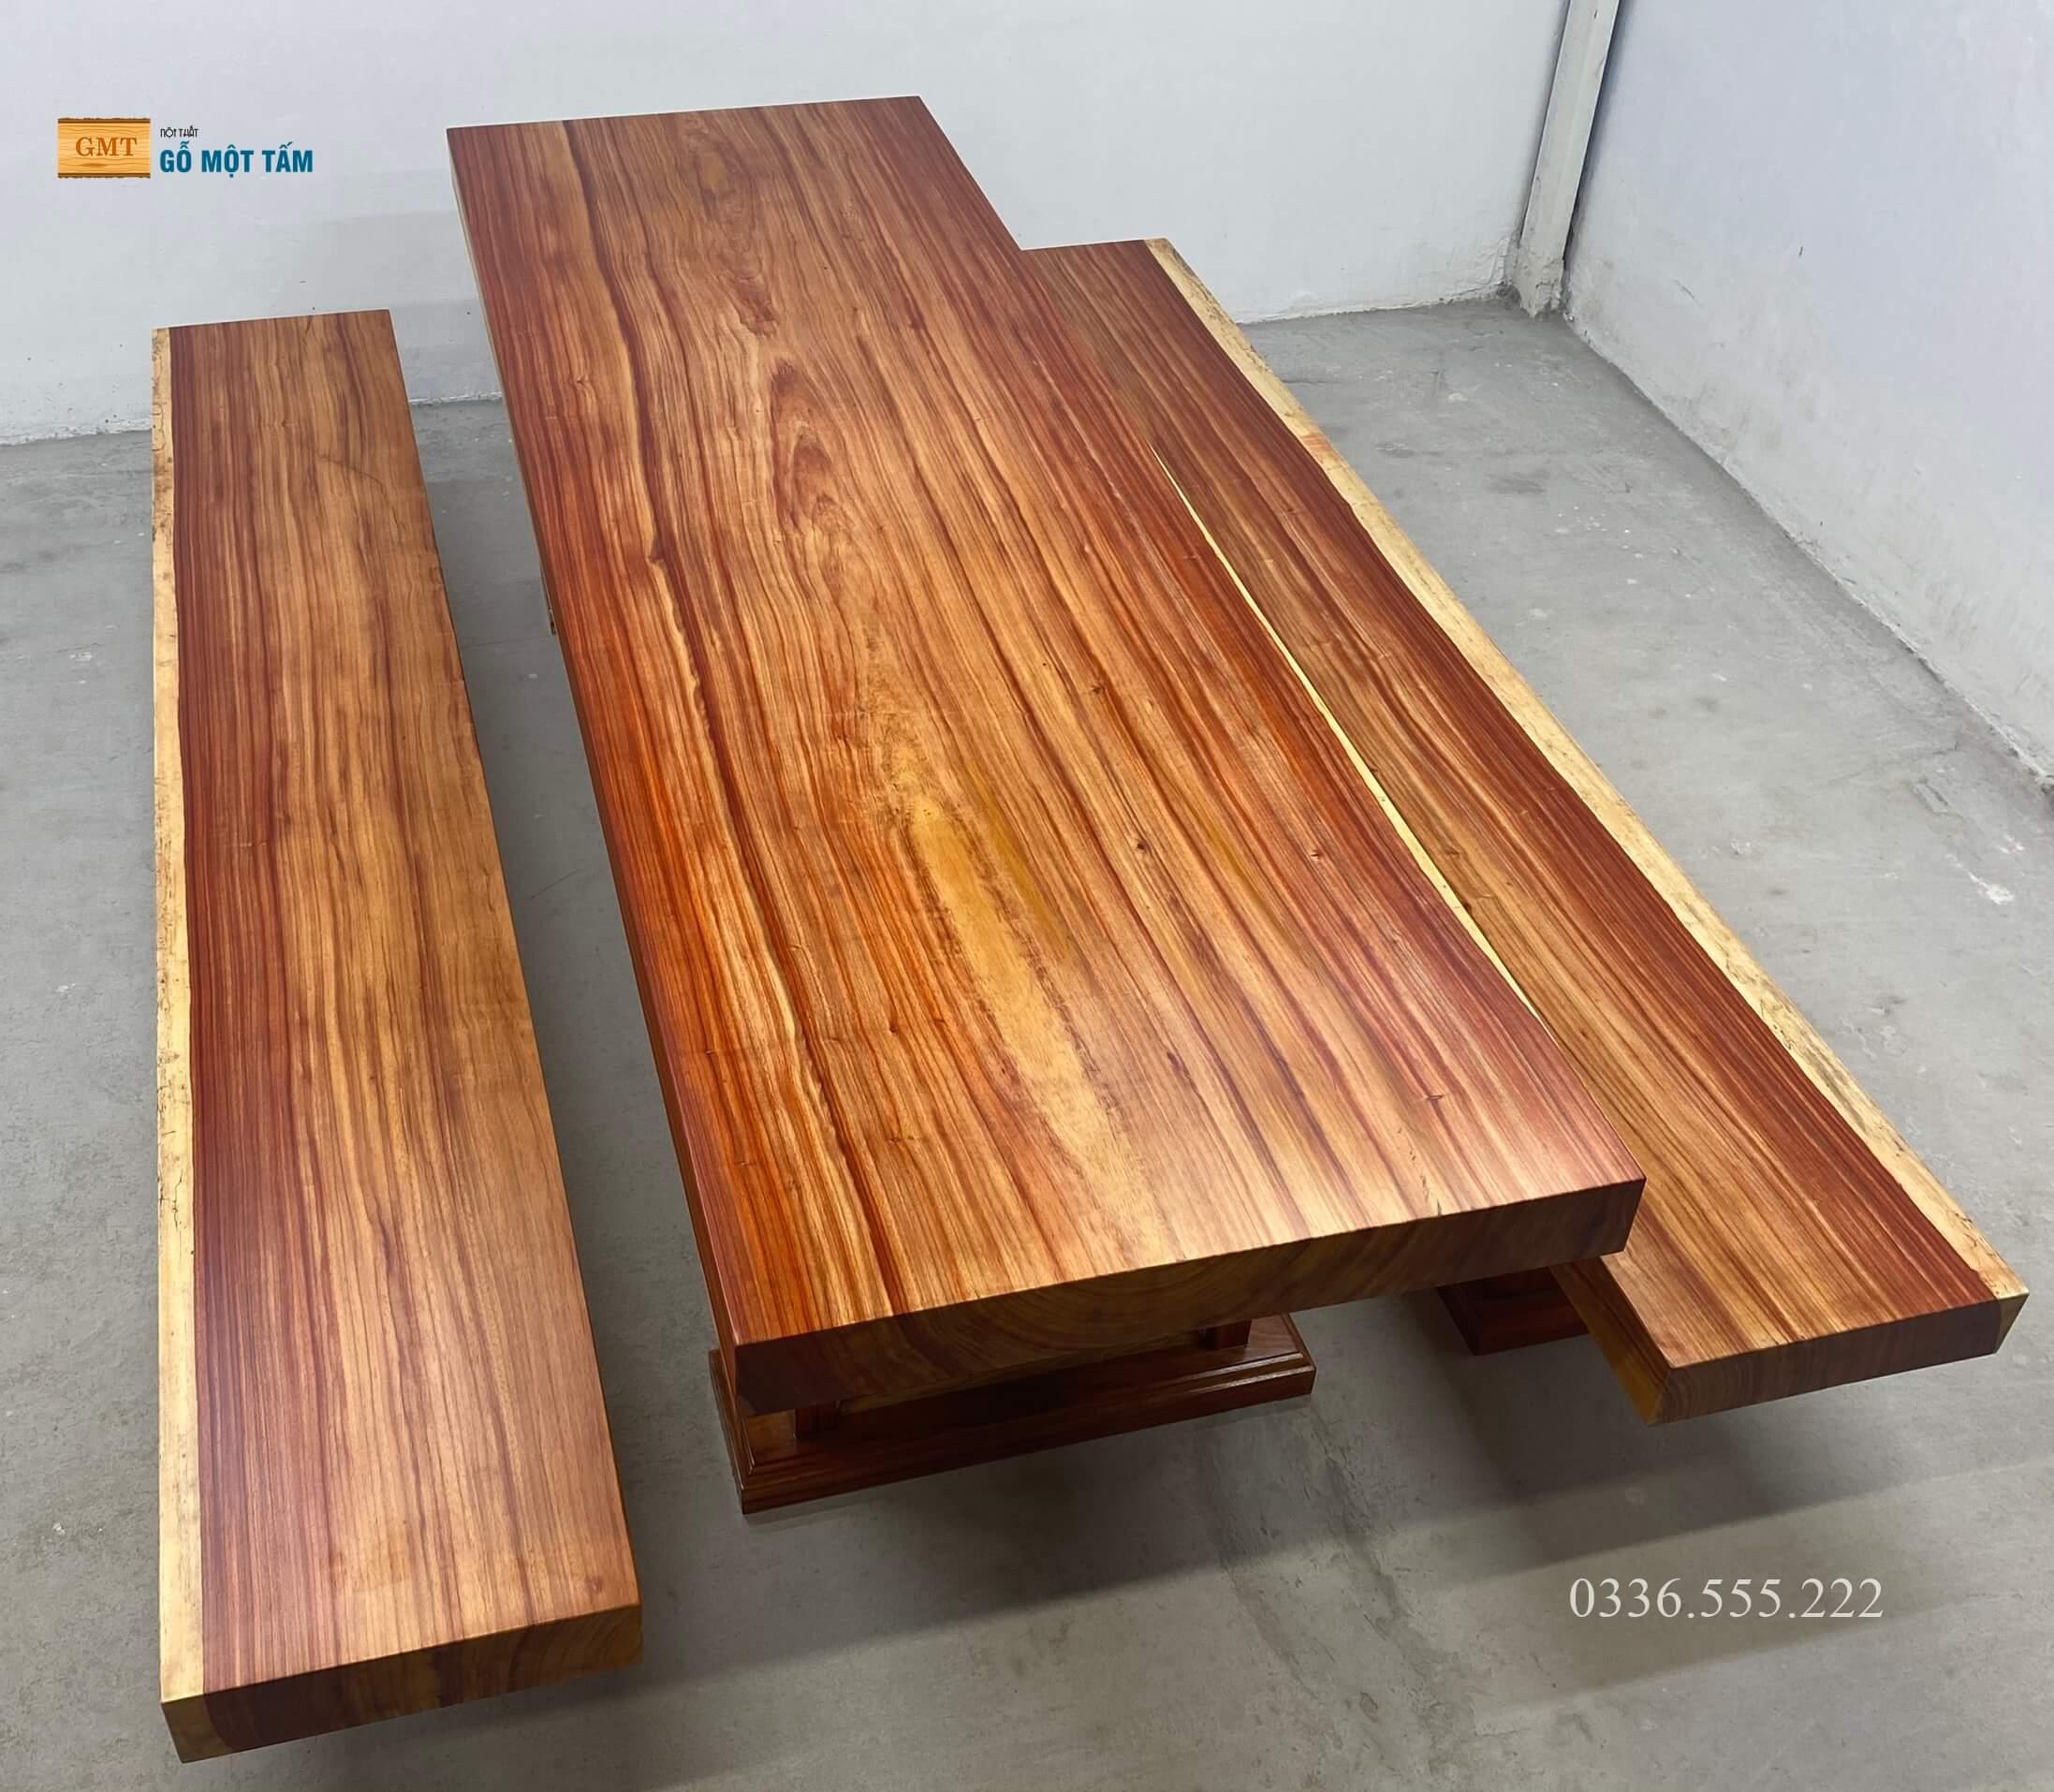 bộ bàn k3 gỗ nguyên khối